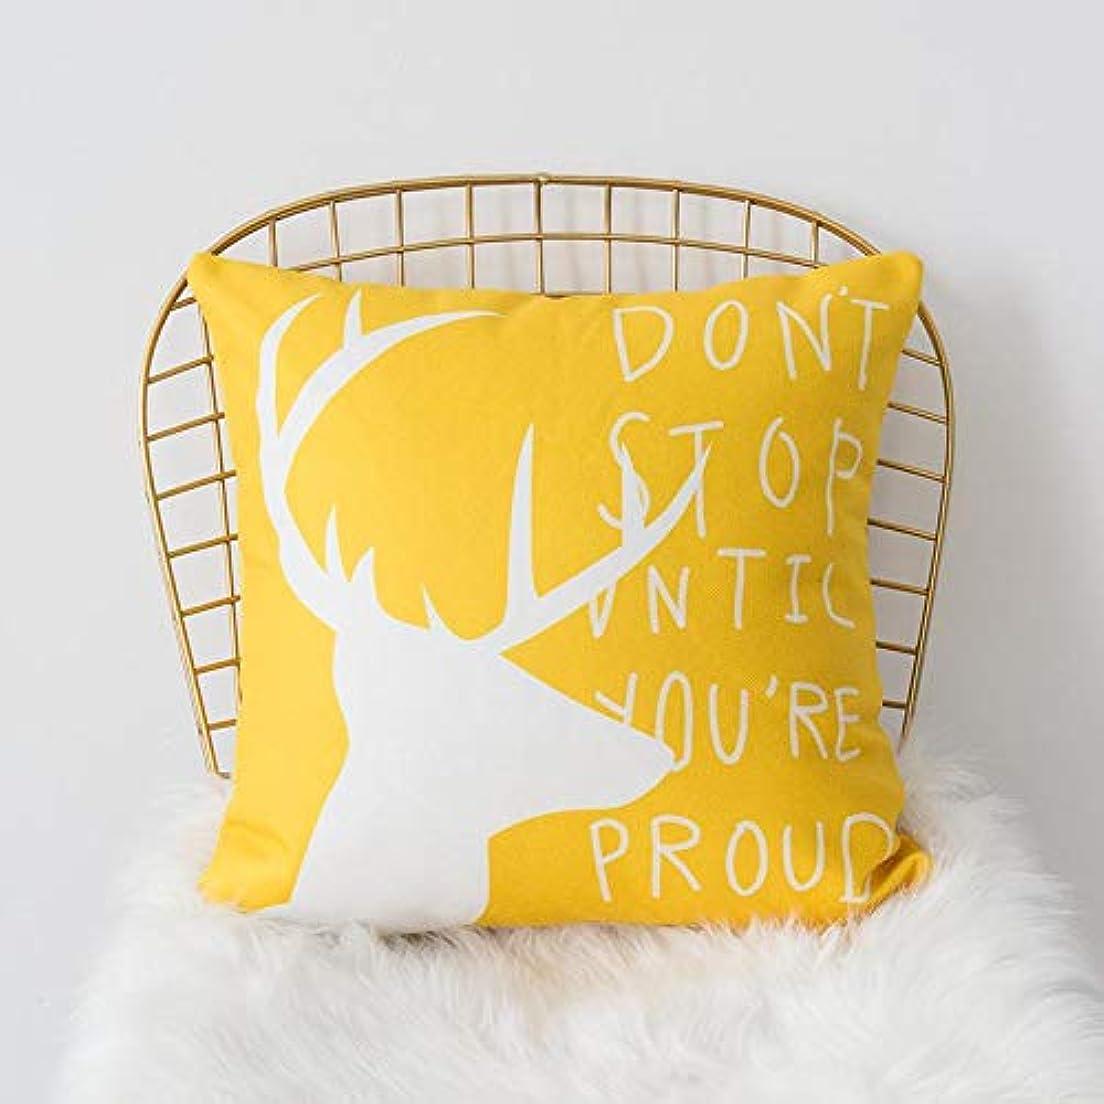 裁量予防接種包囲LIFE 黄色グレー枕北欧スタイル黄色ヘラジカ幾何枕リビングルームのインテリアソファクッション Cojines 装飾良質 クッション 椅子